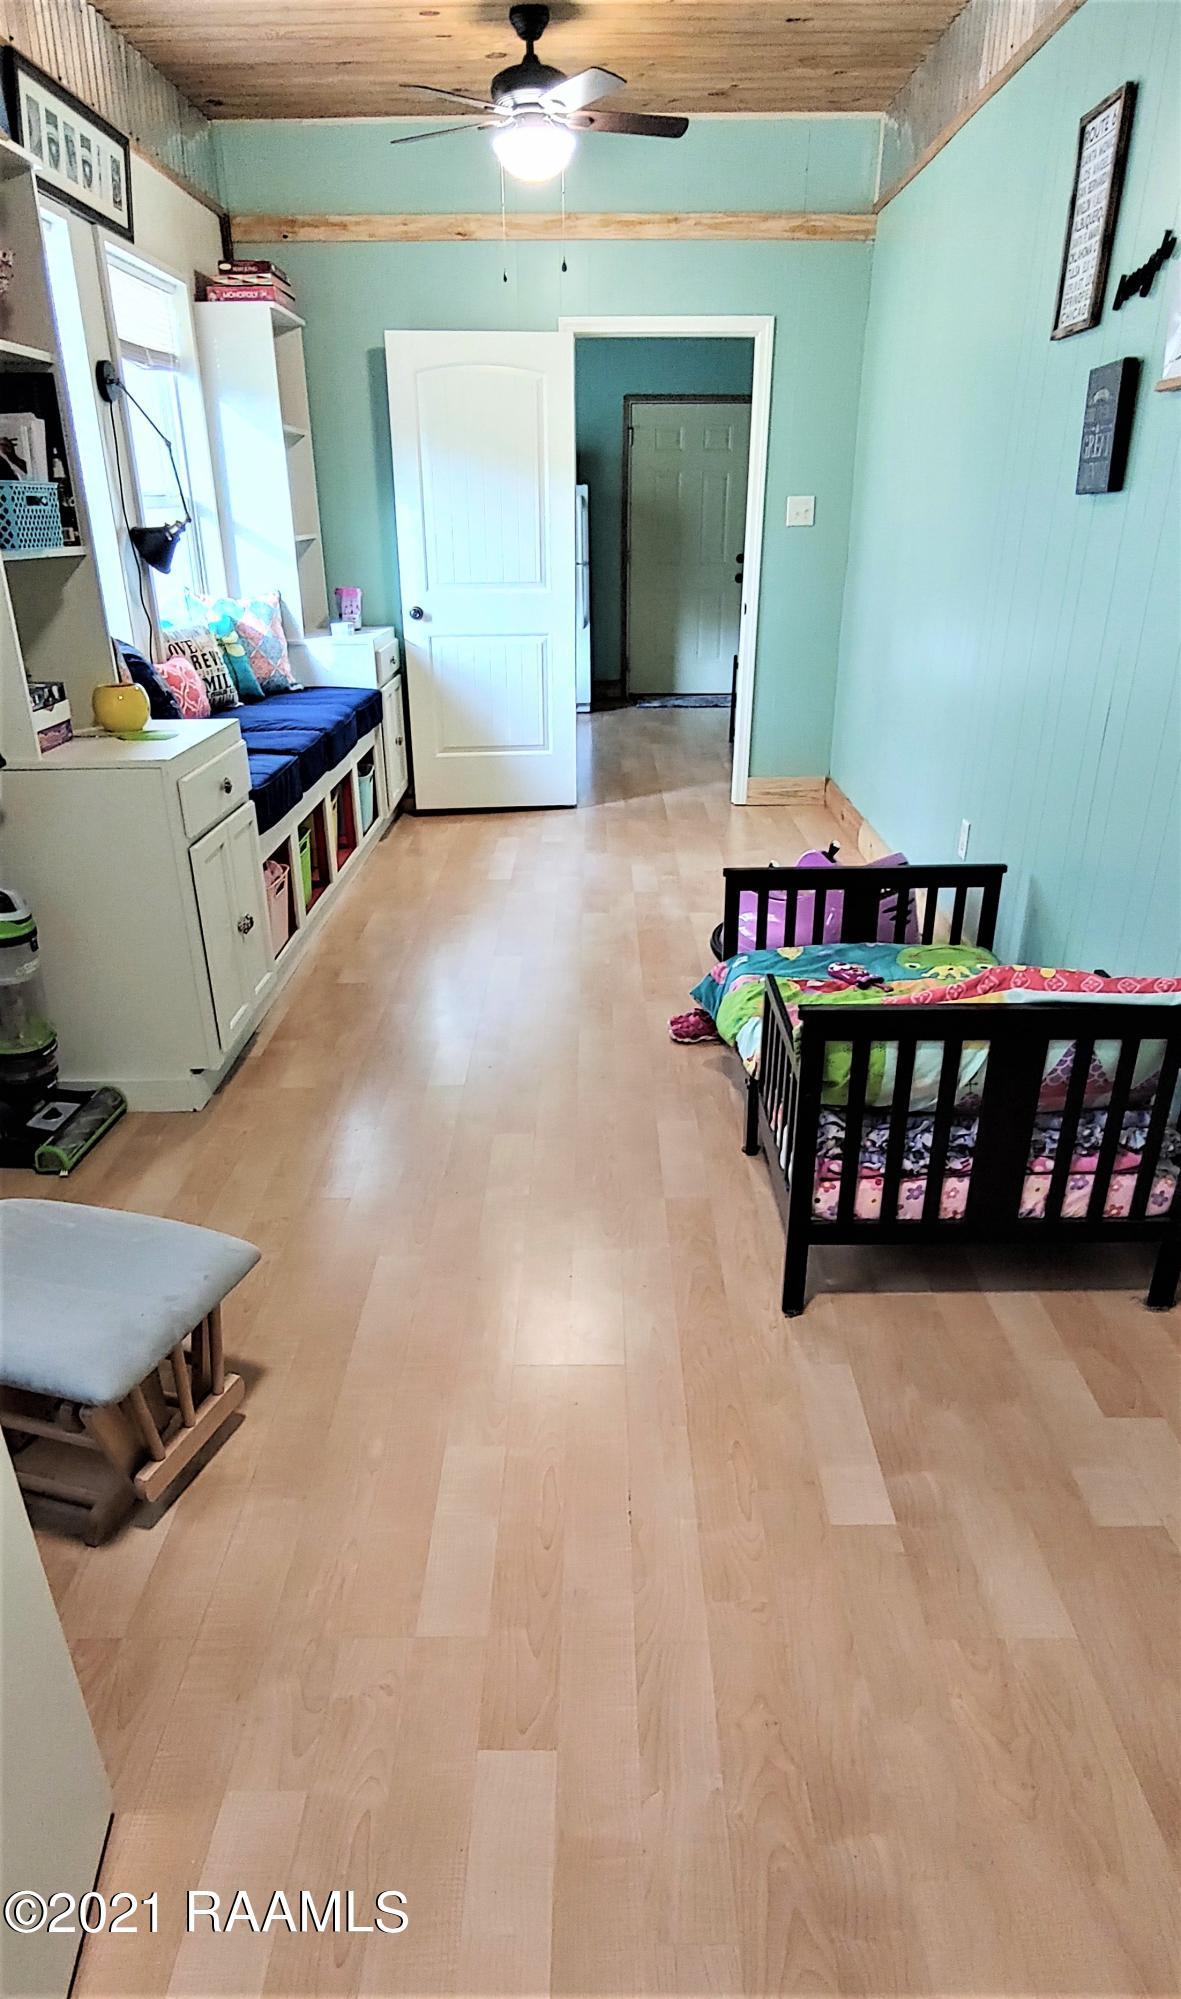 106 Flossie Lane Lot 4, Opelousas, LA 70570 Photo #11